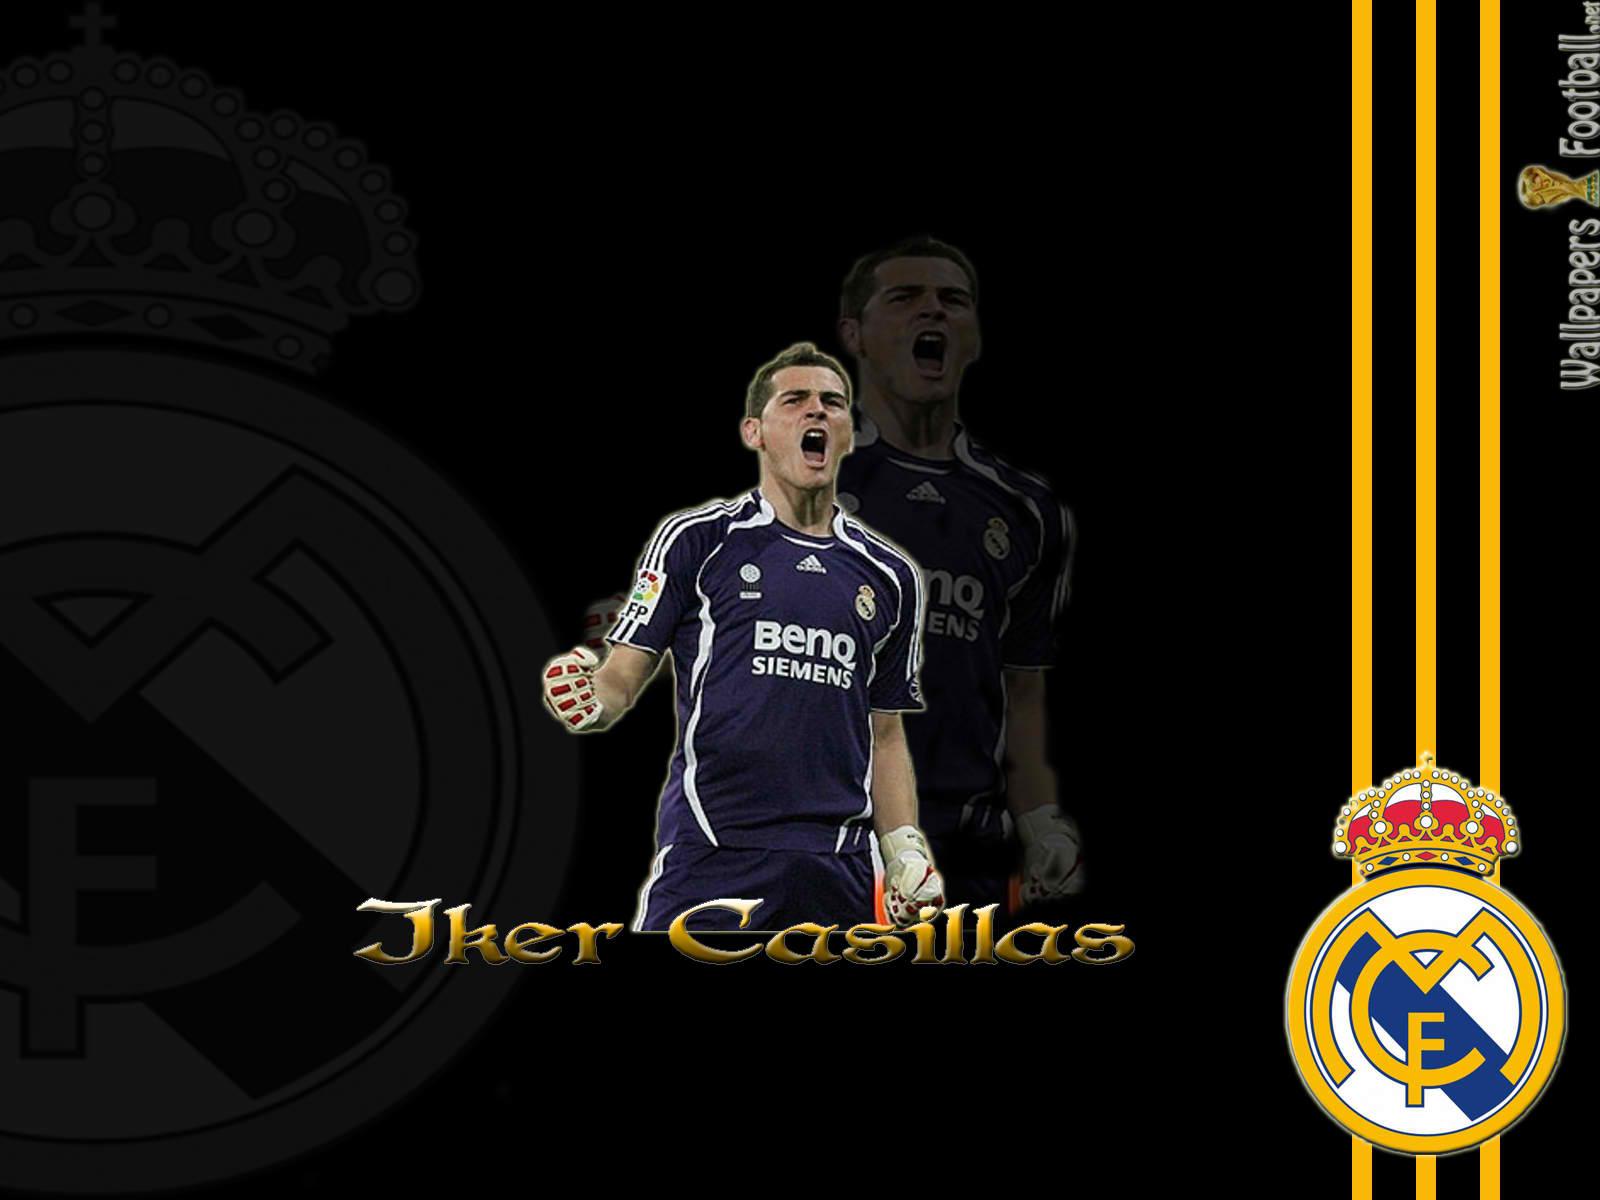 http://4.bp.blogspot.com/_Ck6LQcv4sOg/TDsfDaUtP8I/AAAAAAAAS1E/keEY75Z9XrU/s1600/Iker+Casillas+140.jpg